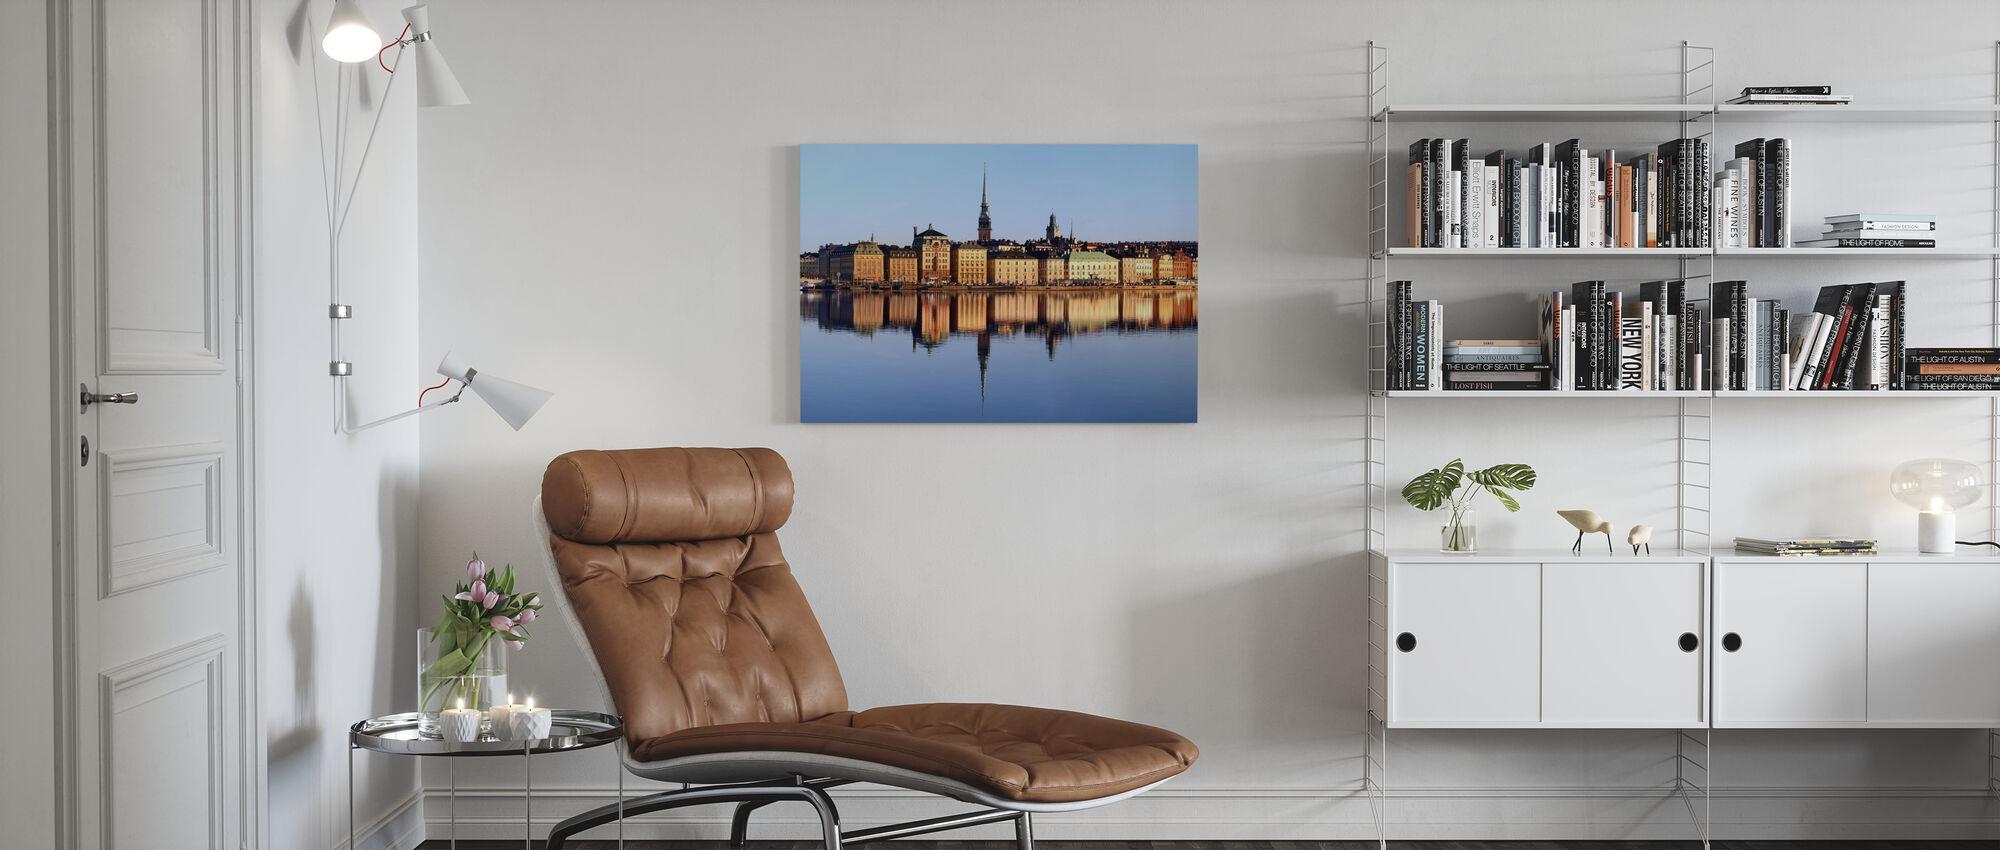 Stoccolma Skeppsbron - Stampa su tela - Salotto